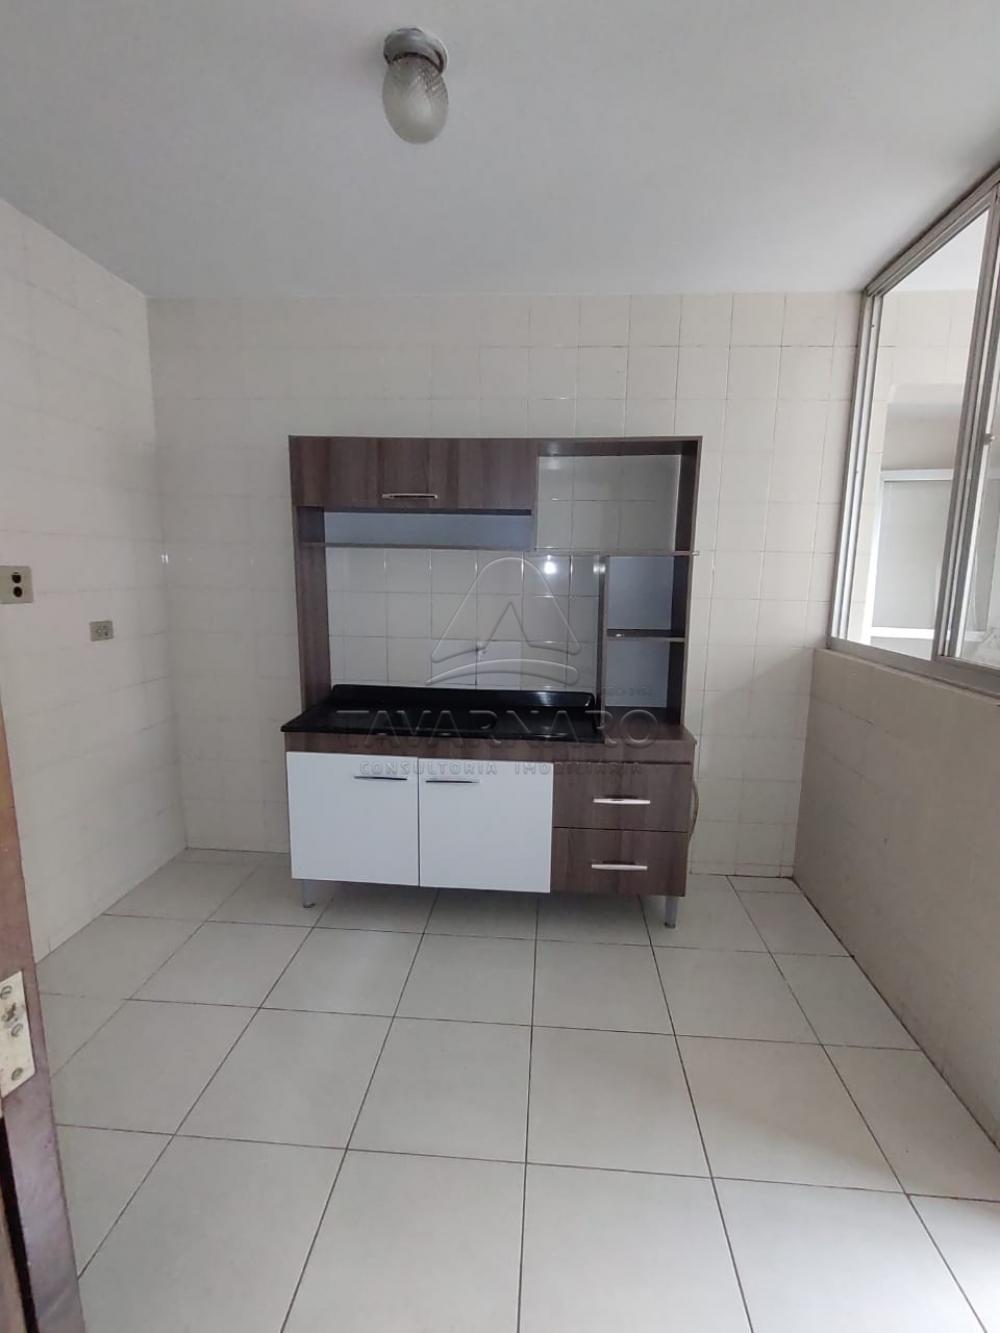 Alugar Apartamento / Padrão em Ponta Grossa R$ 750,00 - Foto 20